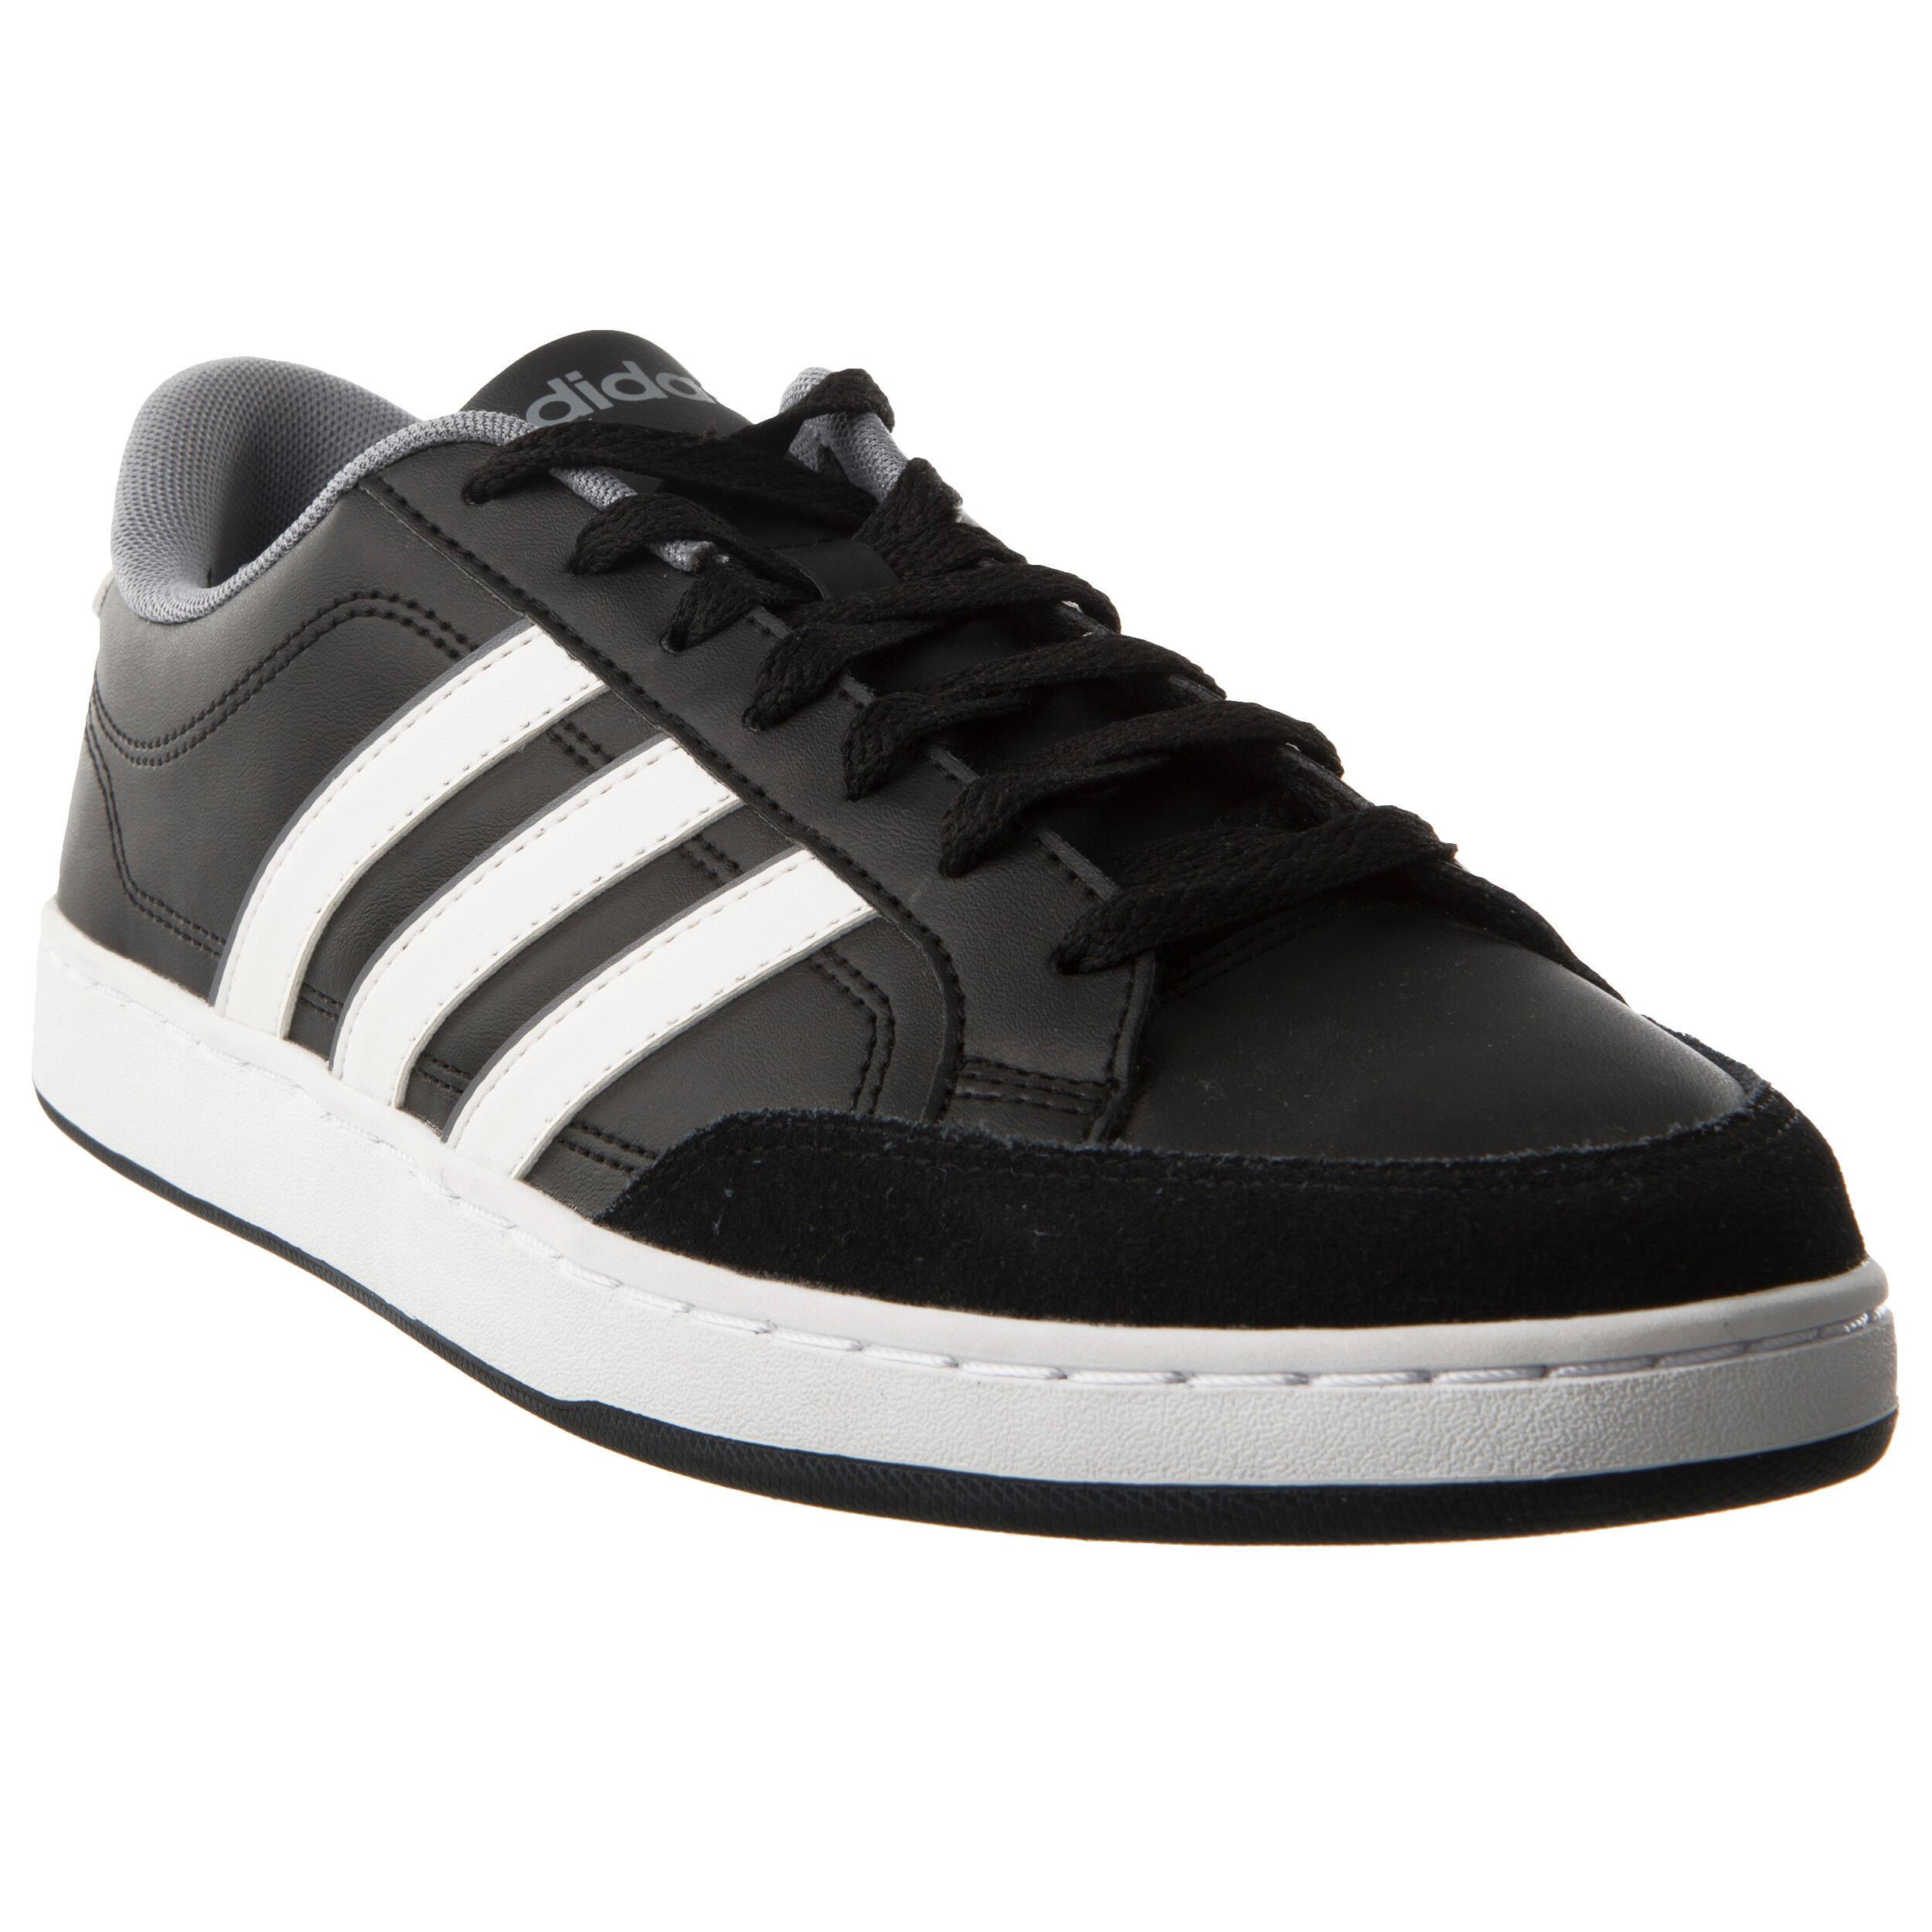 Tennisschoenen voor heren Adidas Courtset zwart